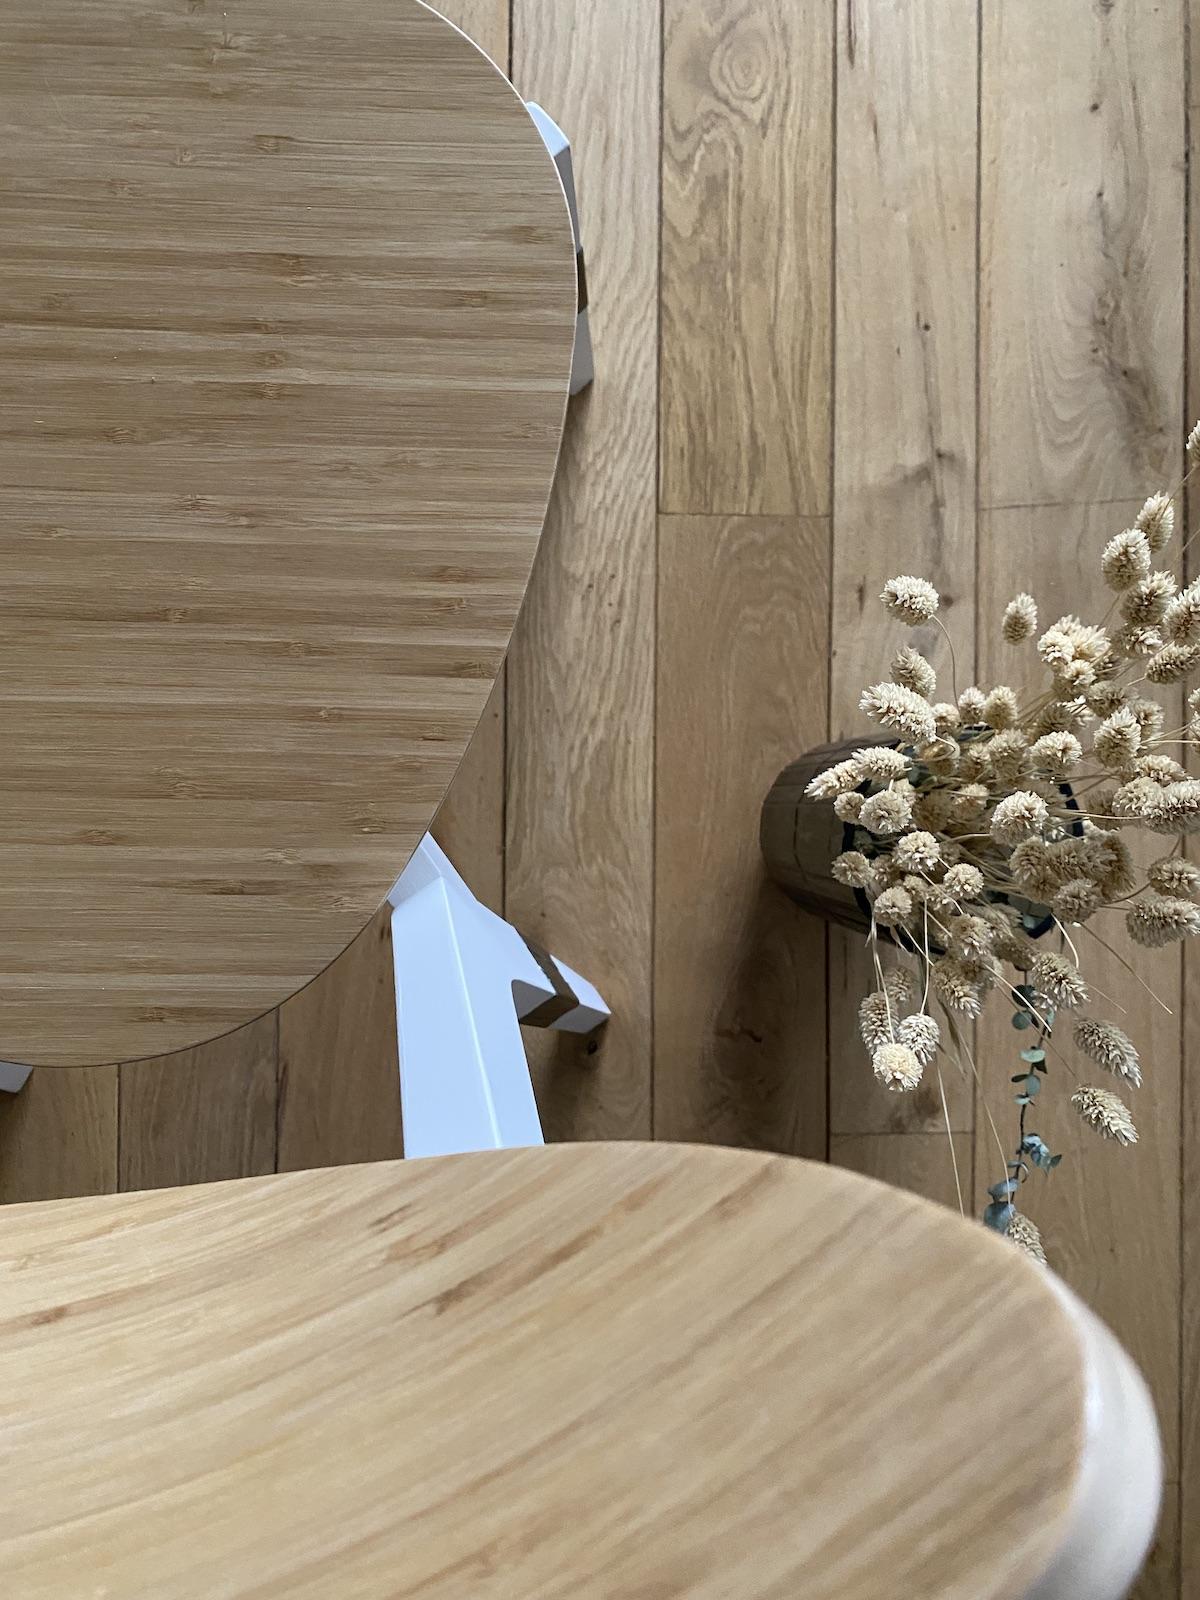 décoration salle à manger slow life scandinave bois